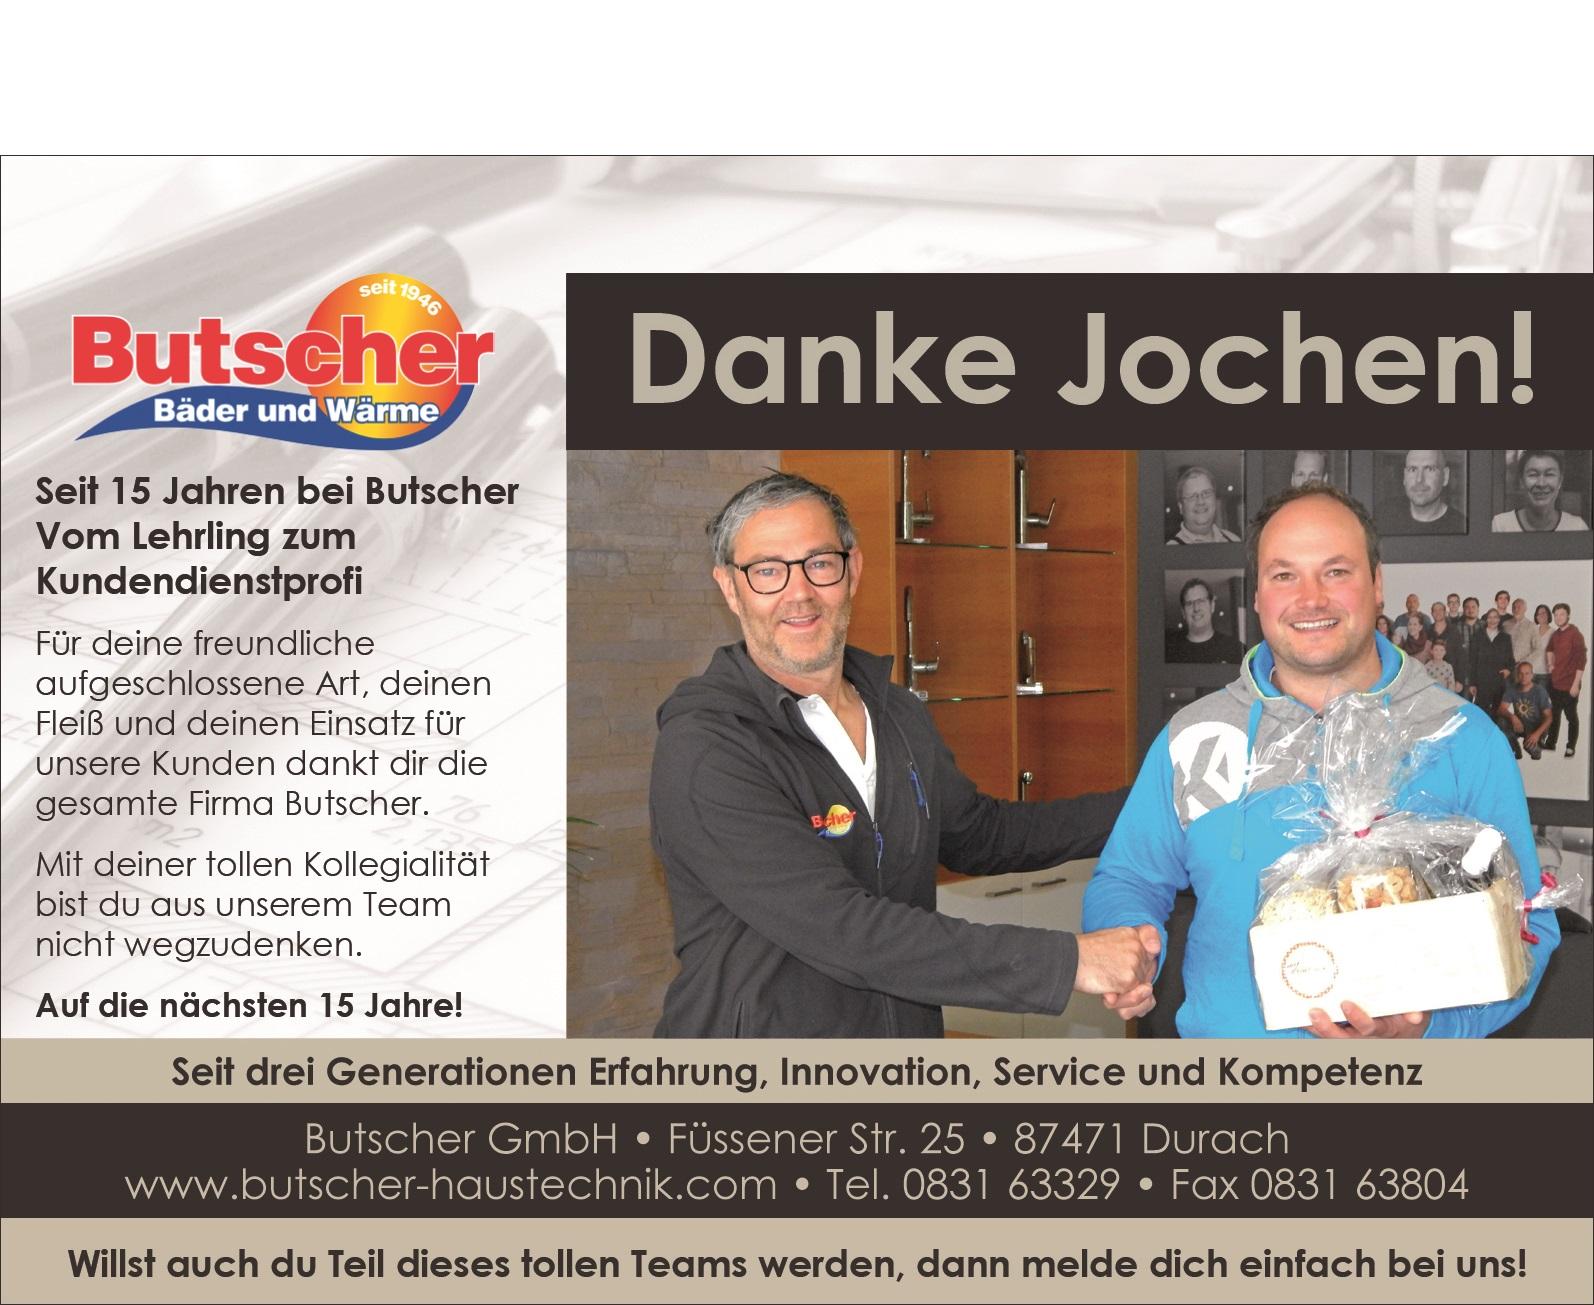 Danke Jochen!